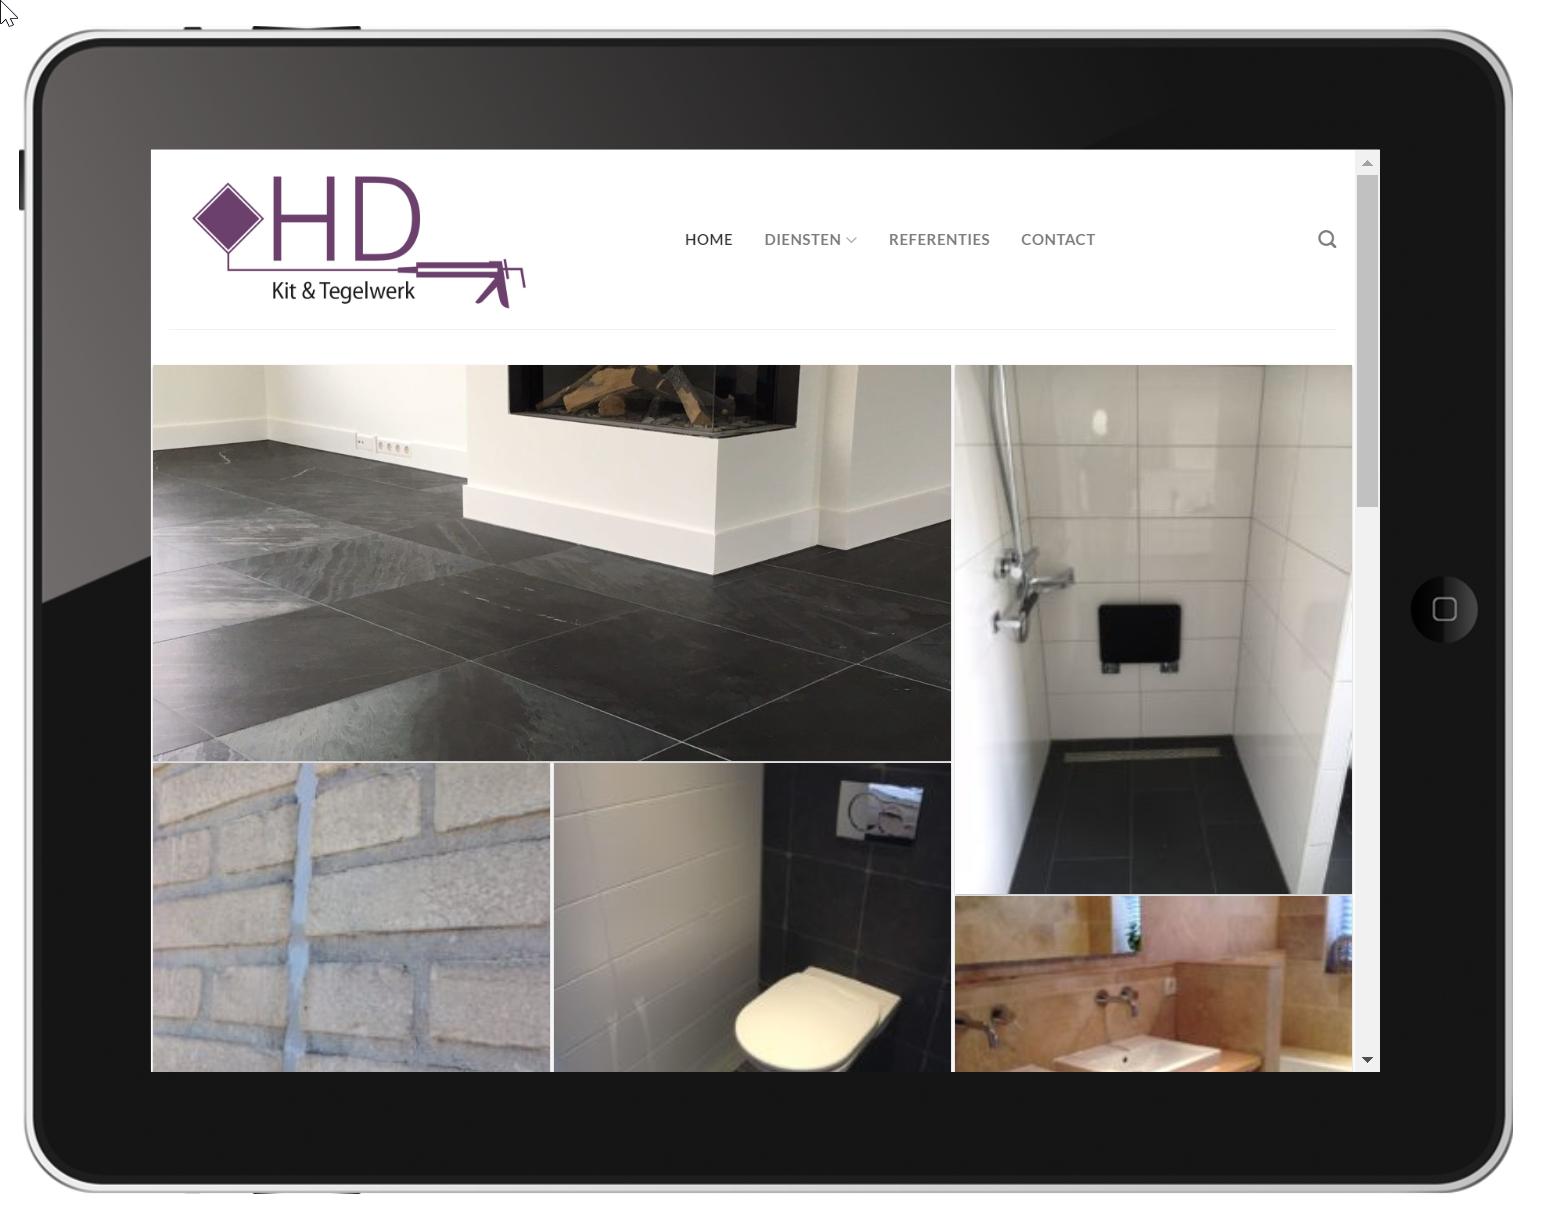 HD Kitwerk Ipad landscape